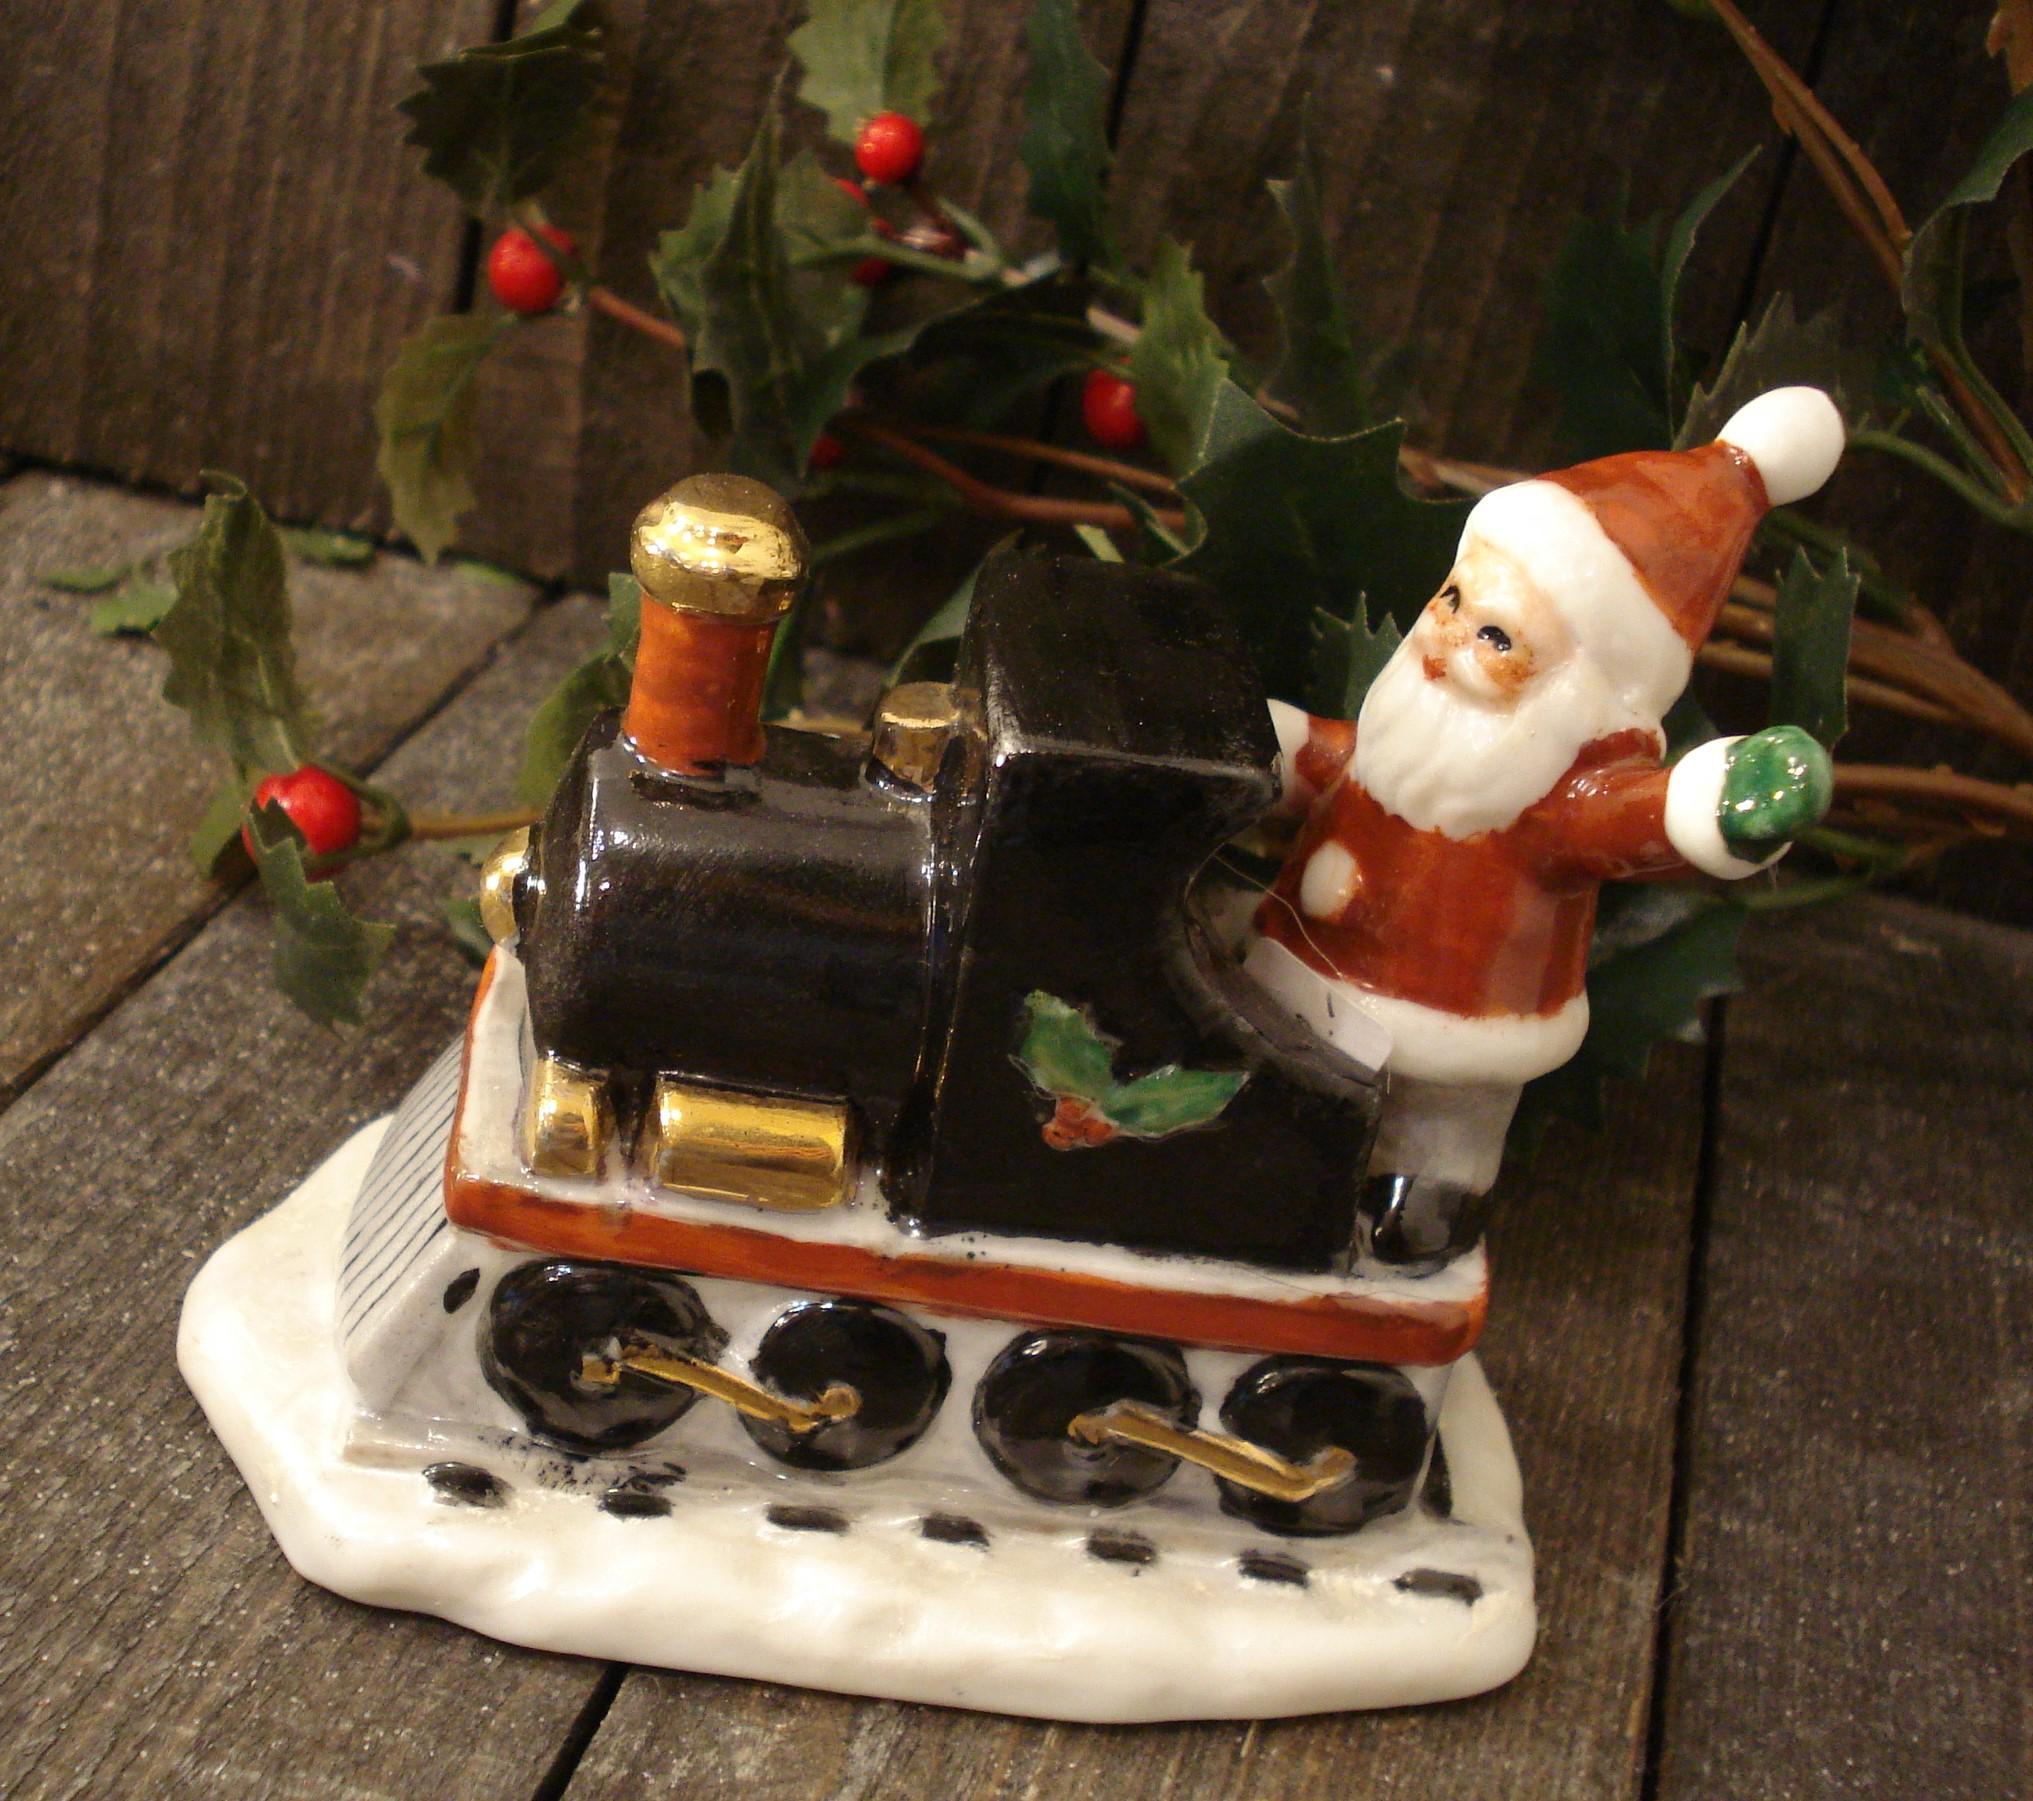 Juletog i porcelæn